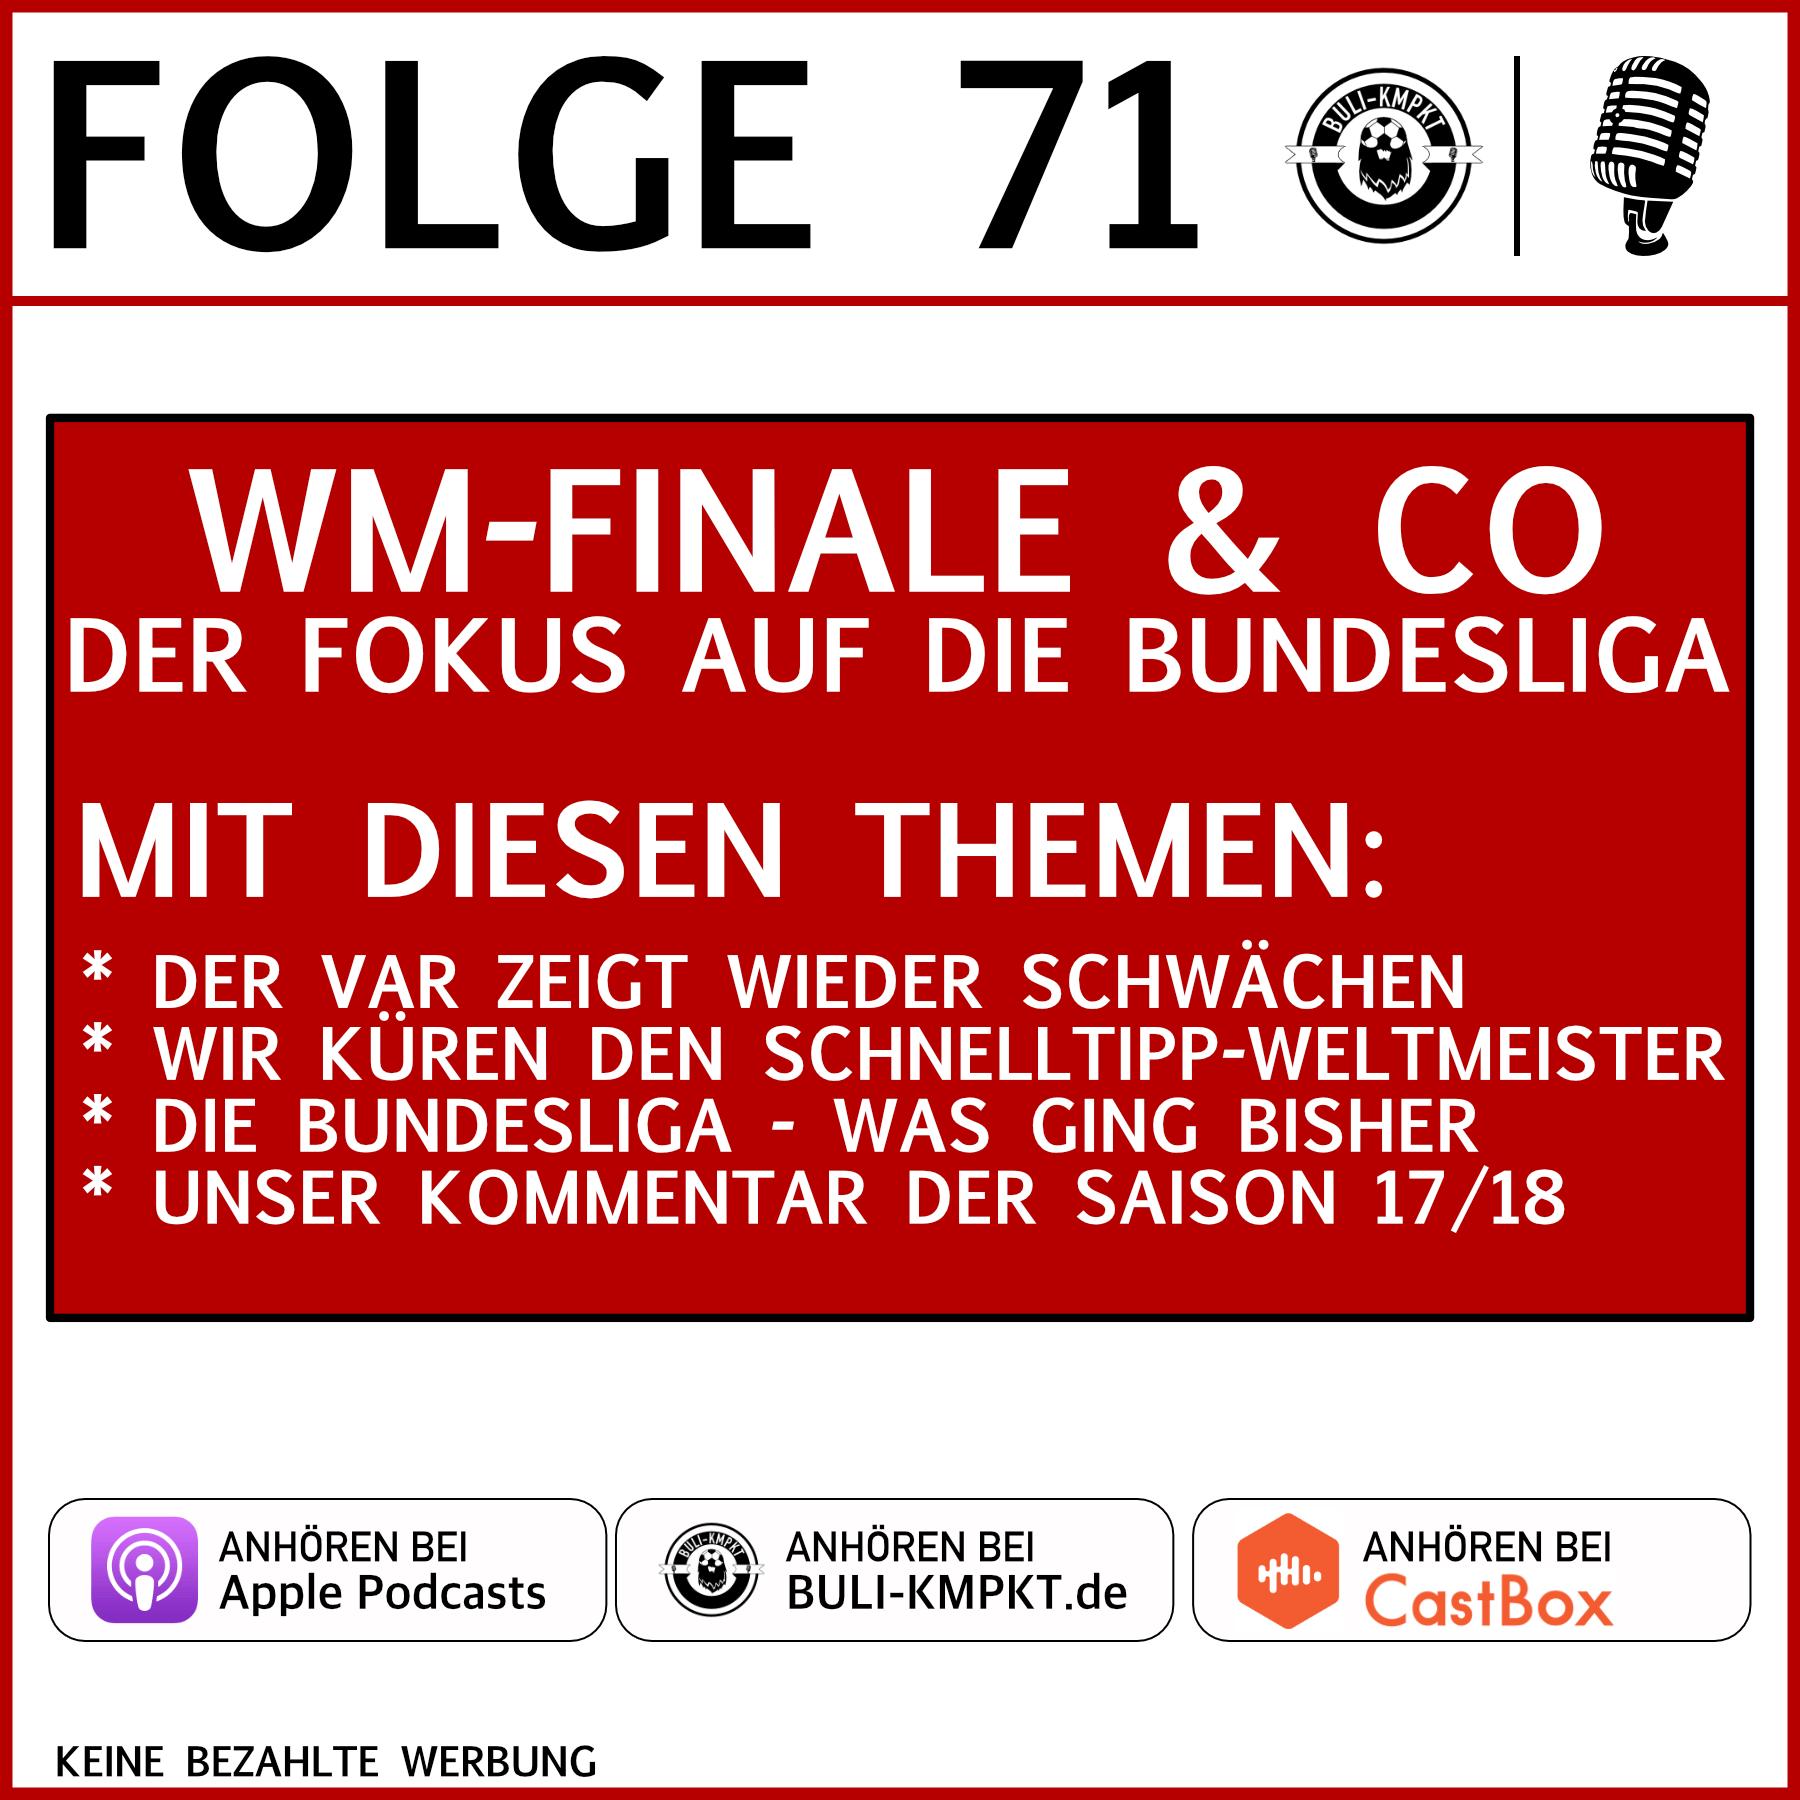 FOLGE 71 – WM-FINALE & CO